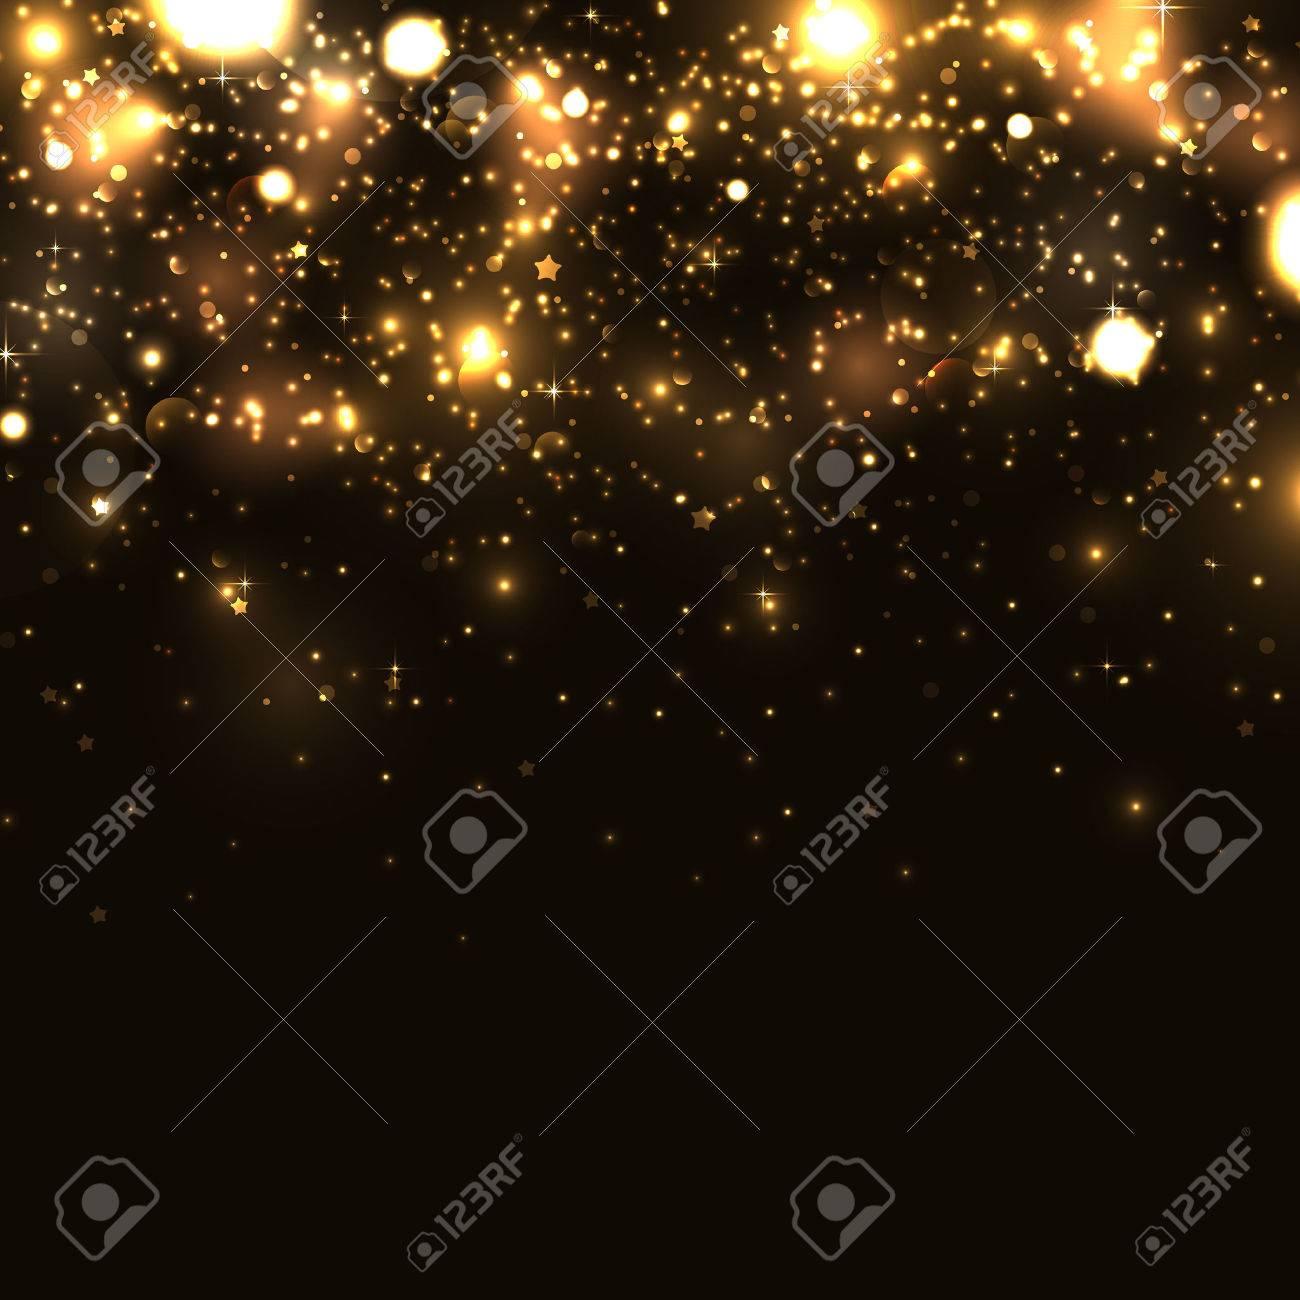 Shiny sparkles on black background - 50420736